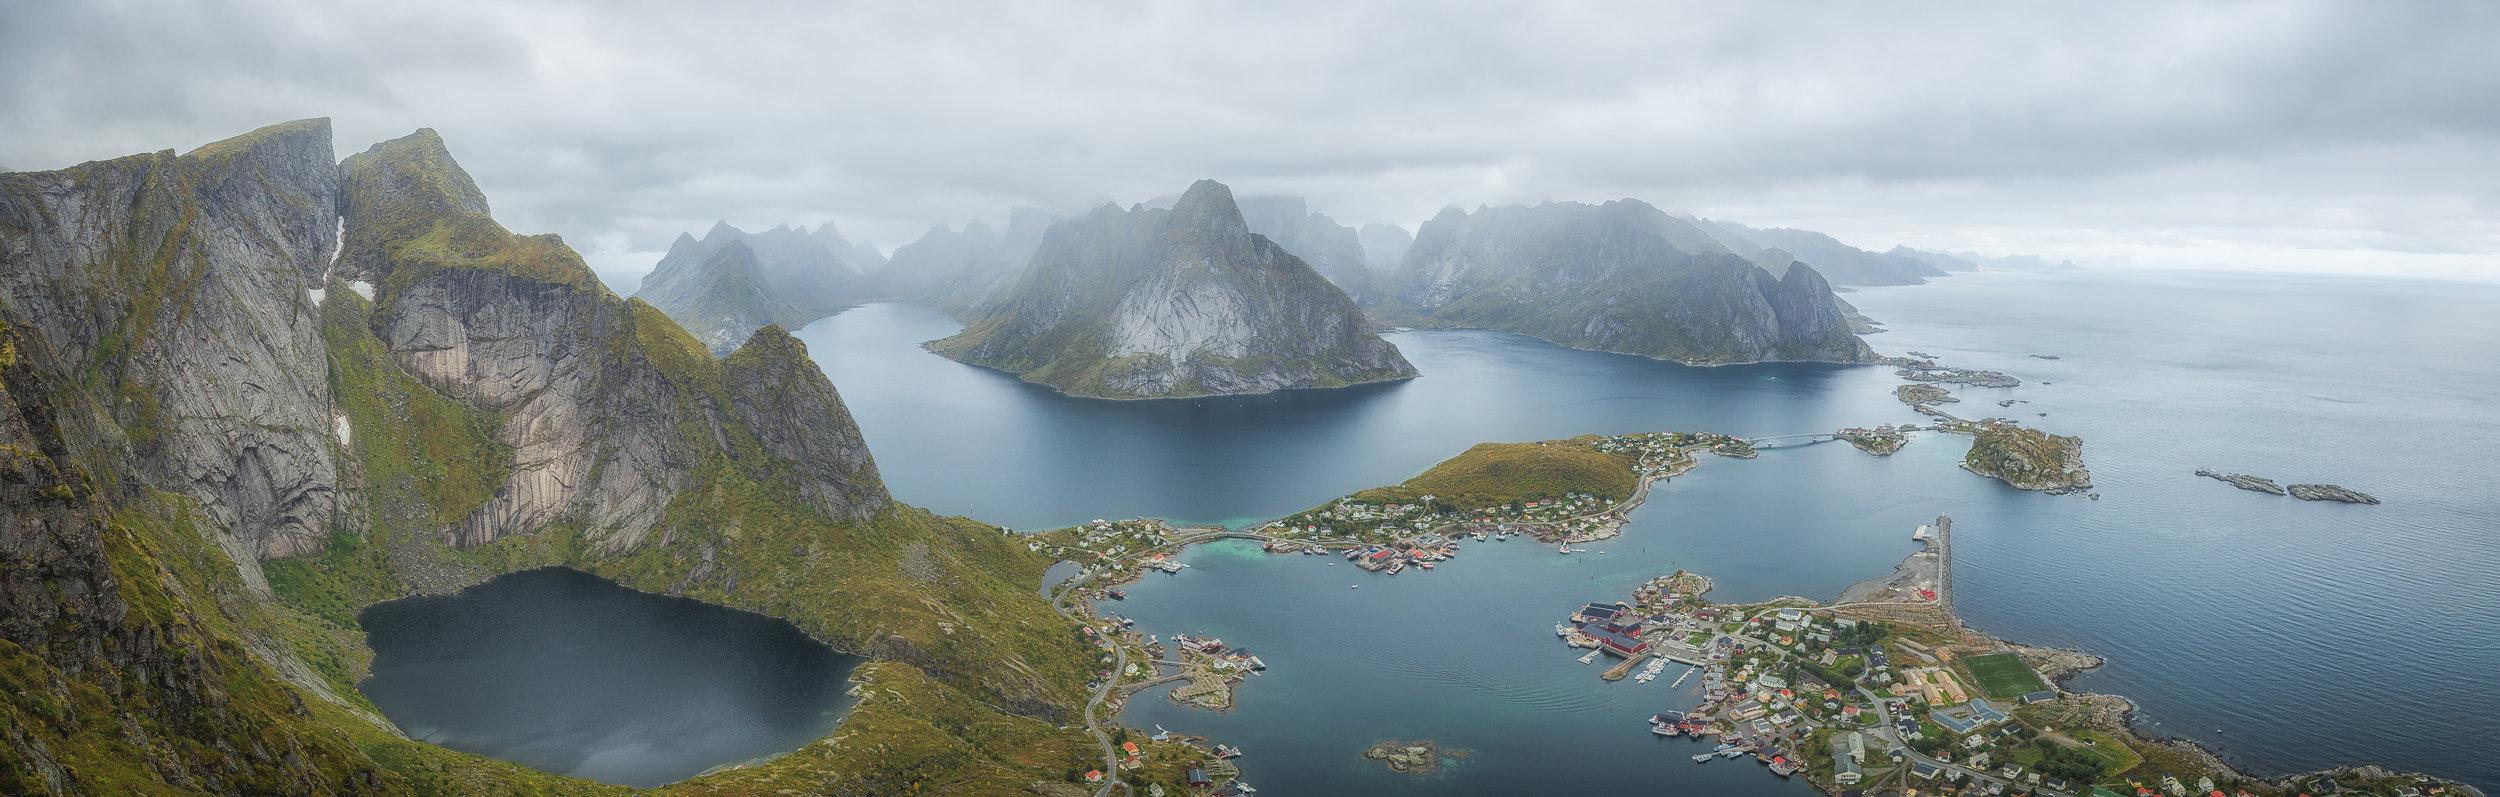 Norway (Lofoten) -